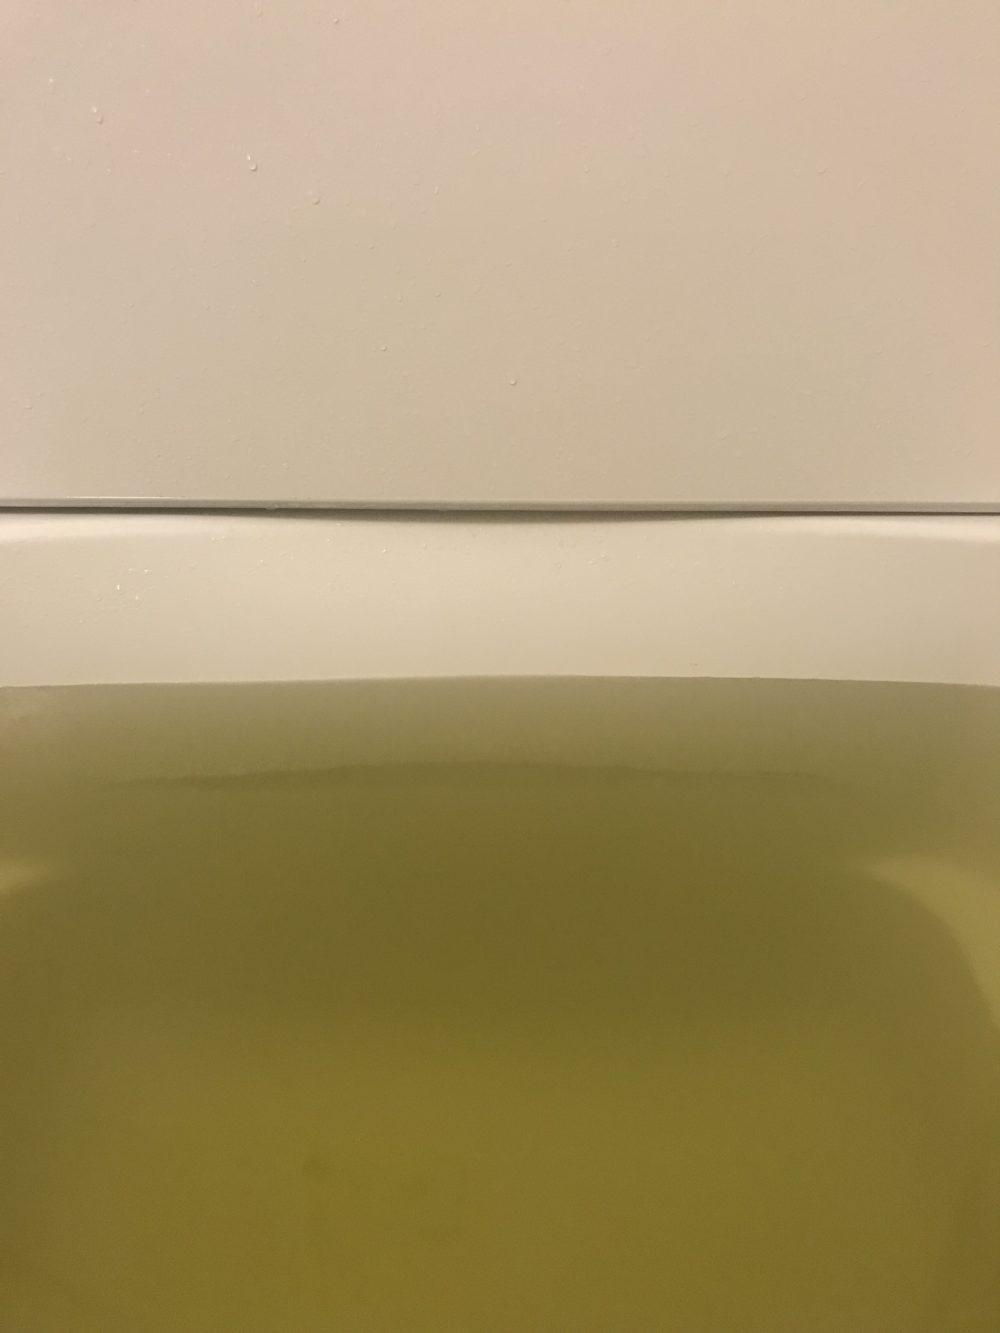 生薬のめぐり湯を入れたお湯